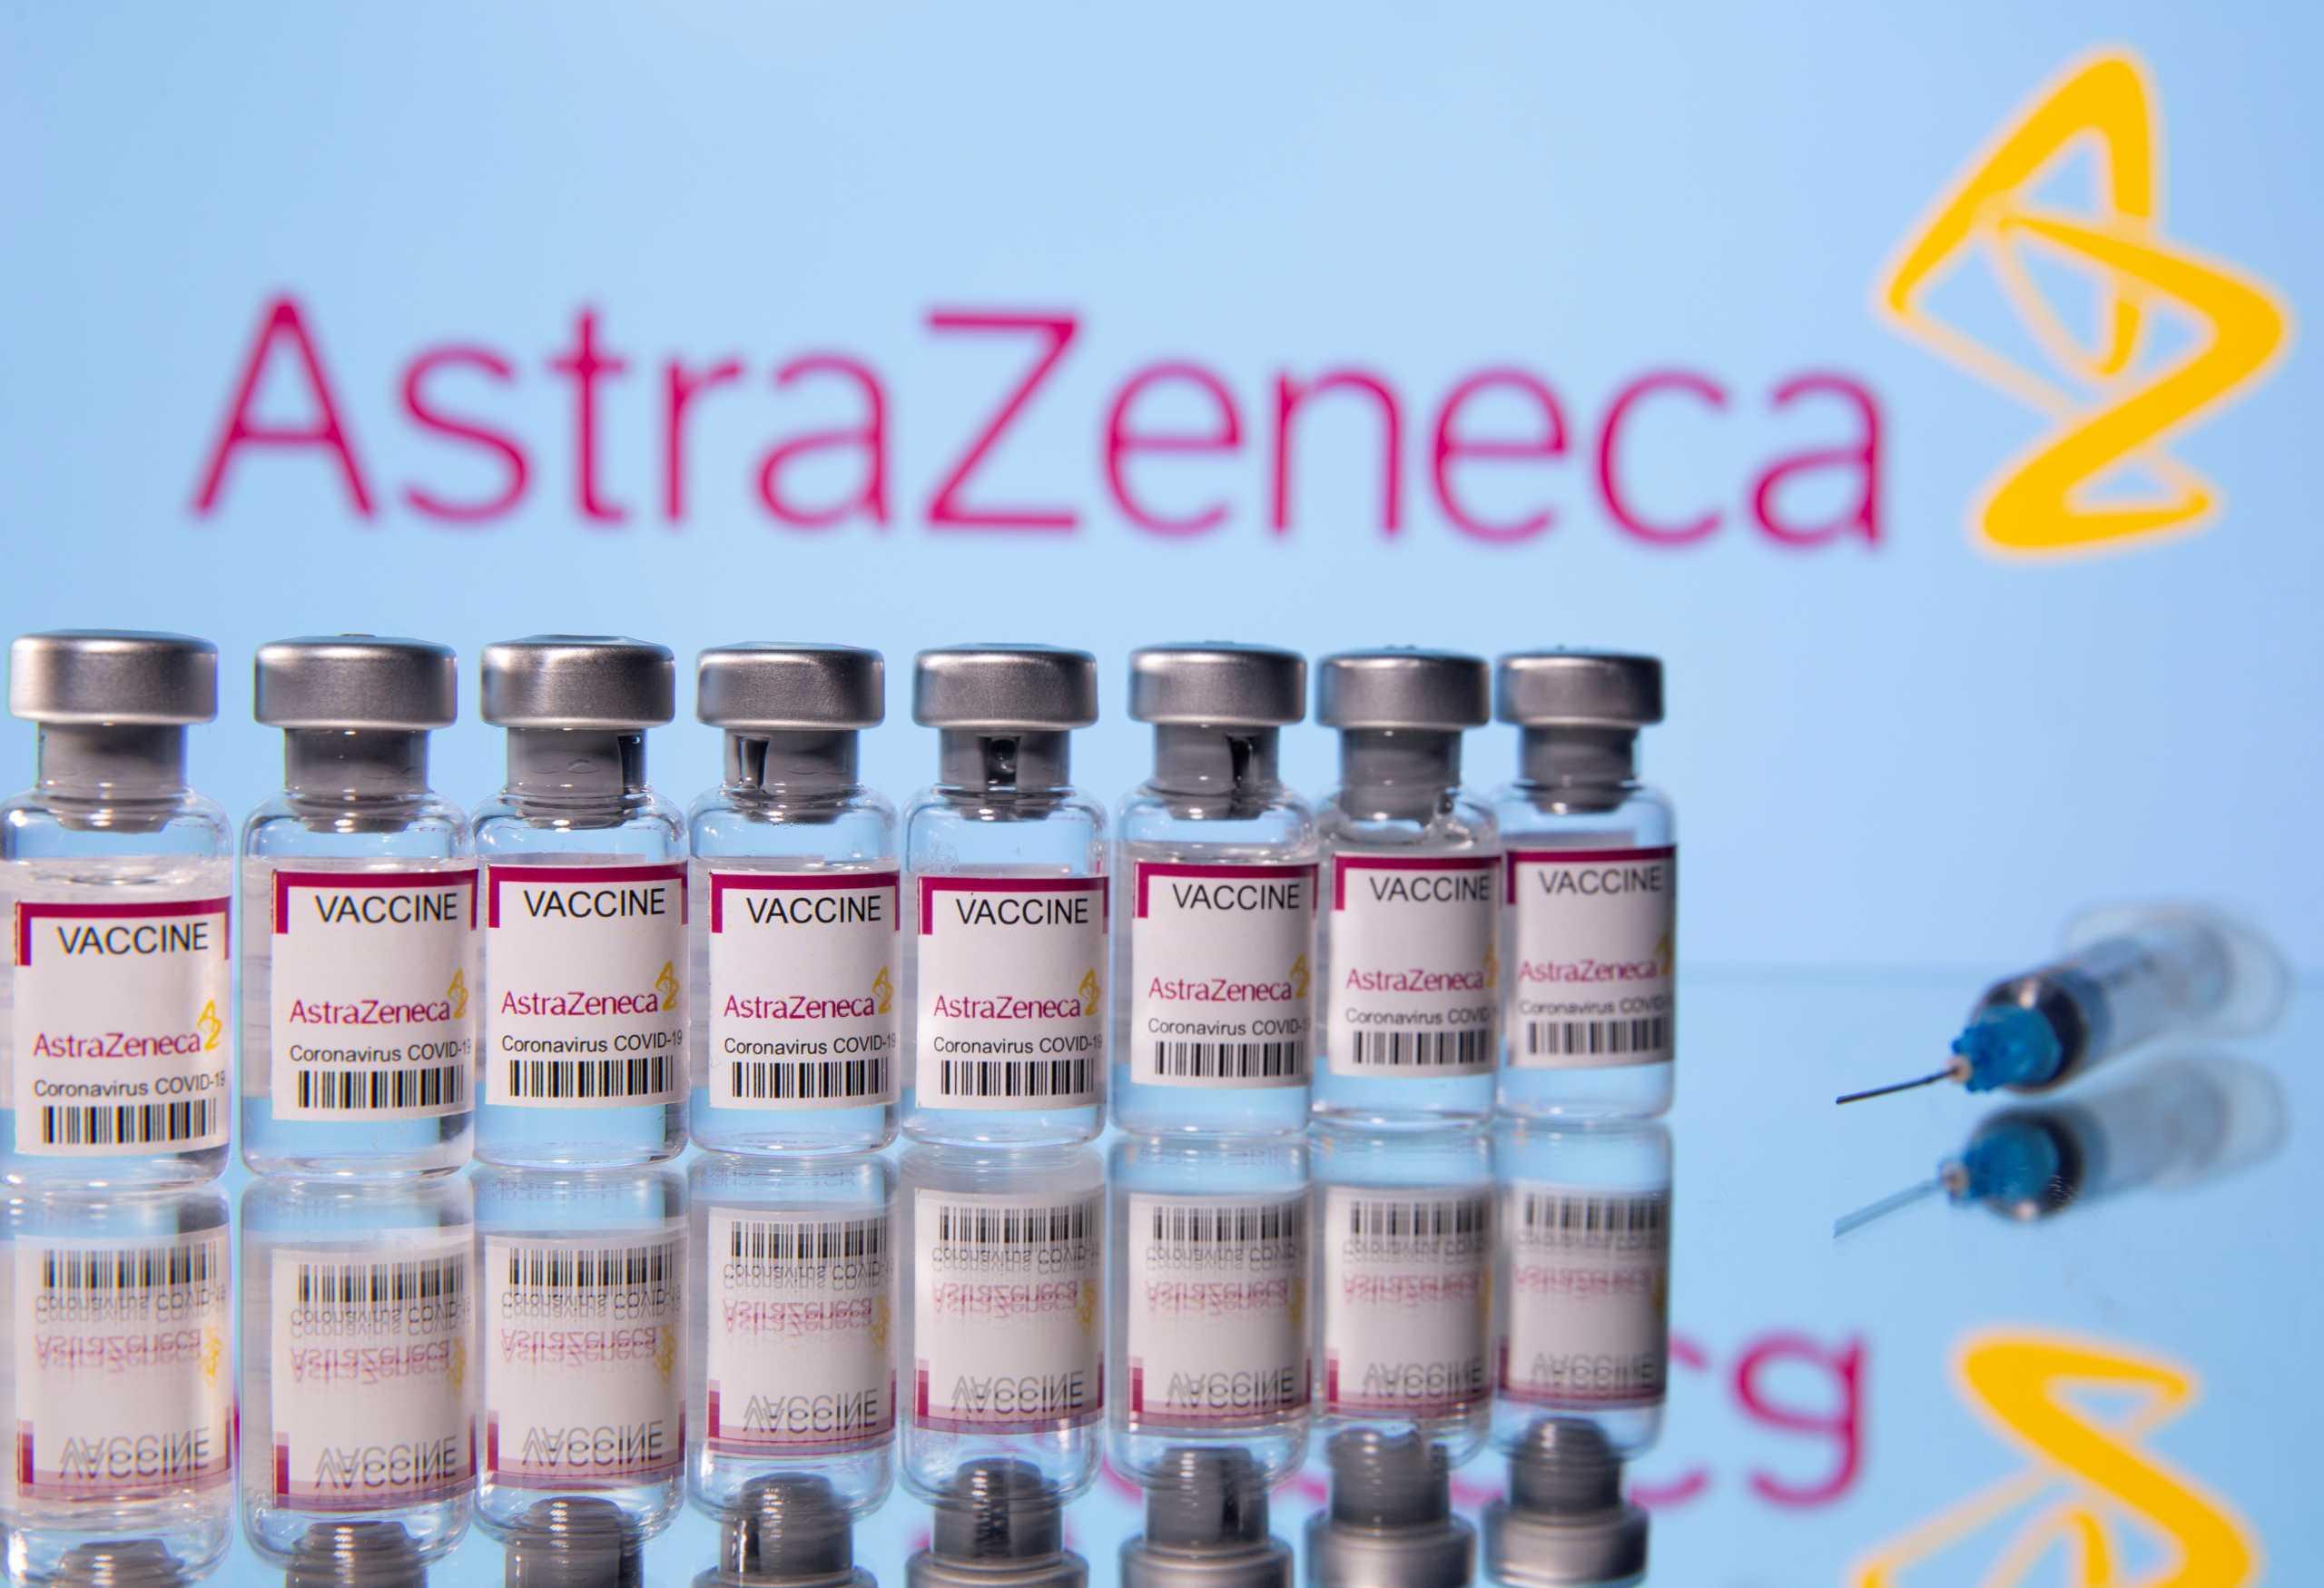 200 φορές πιο αυξημένος ο κίνδυνος θρόμβωσης από τον κορονοϊό απ' ότι με το AstraZeneca